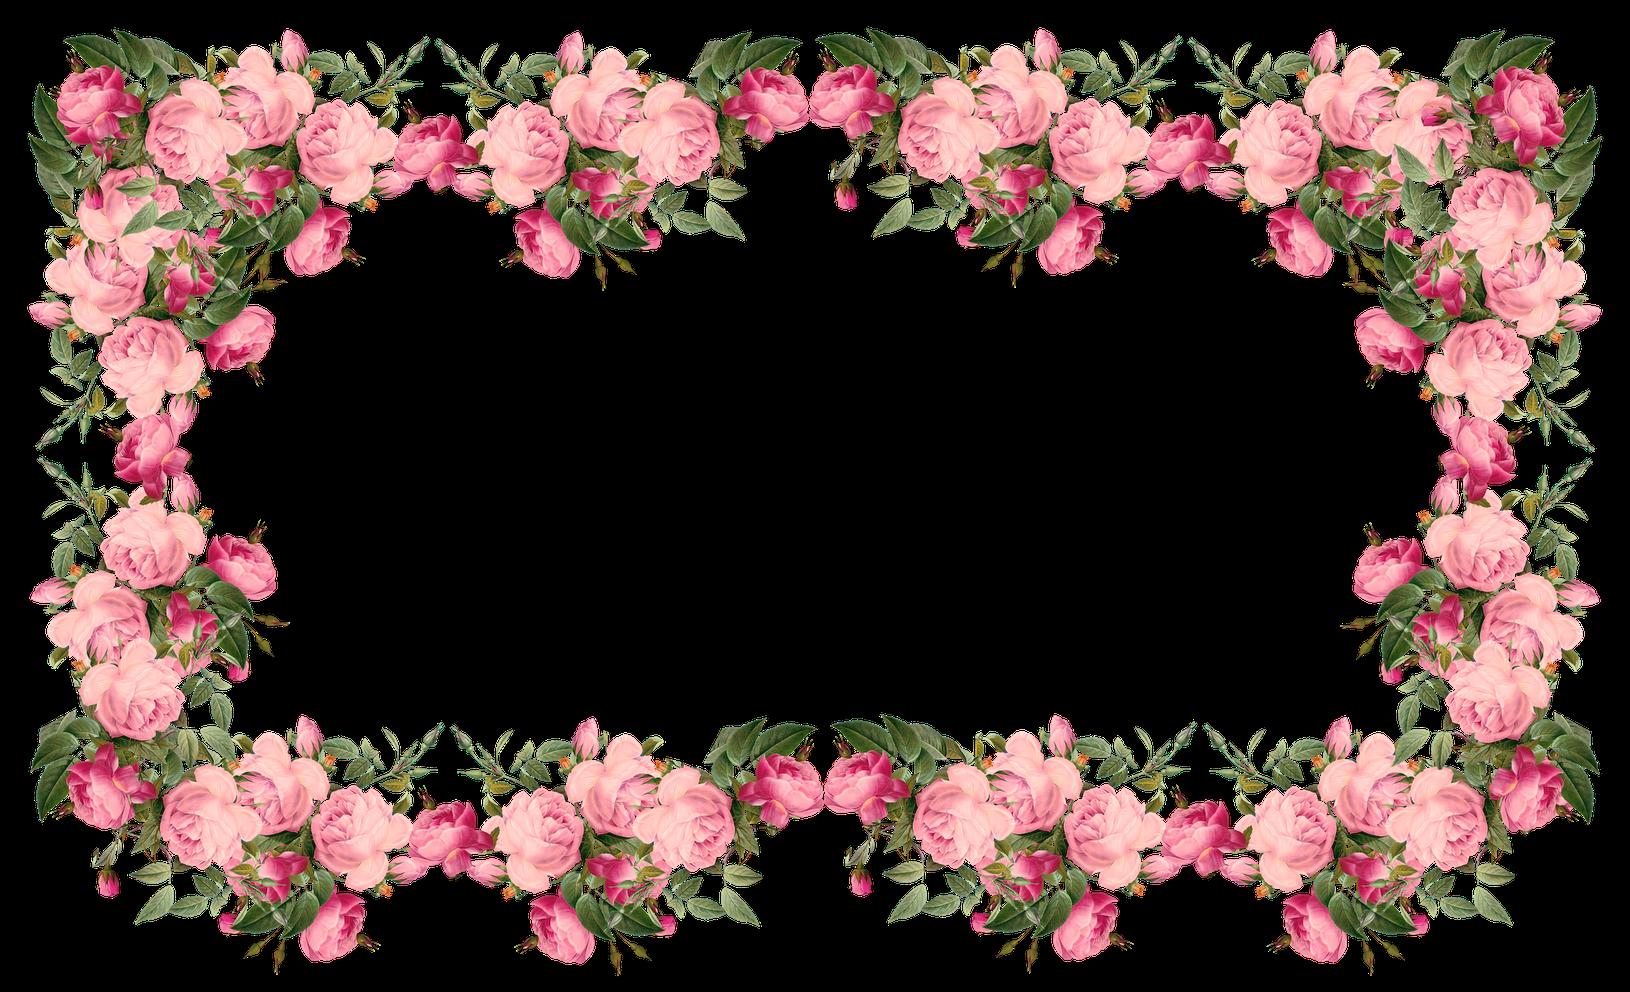 Transparent pink border clipart - Awesome Vintage Pink Frames And Border Png U Pics For - Decorative Border Design Flower